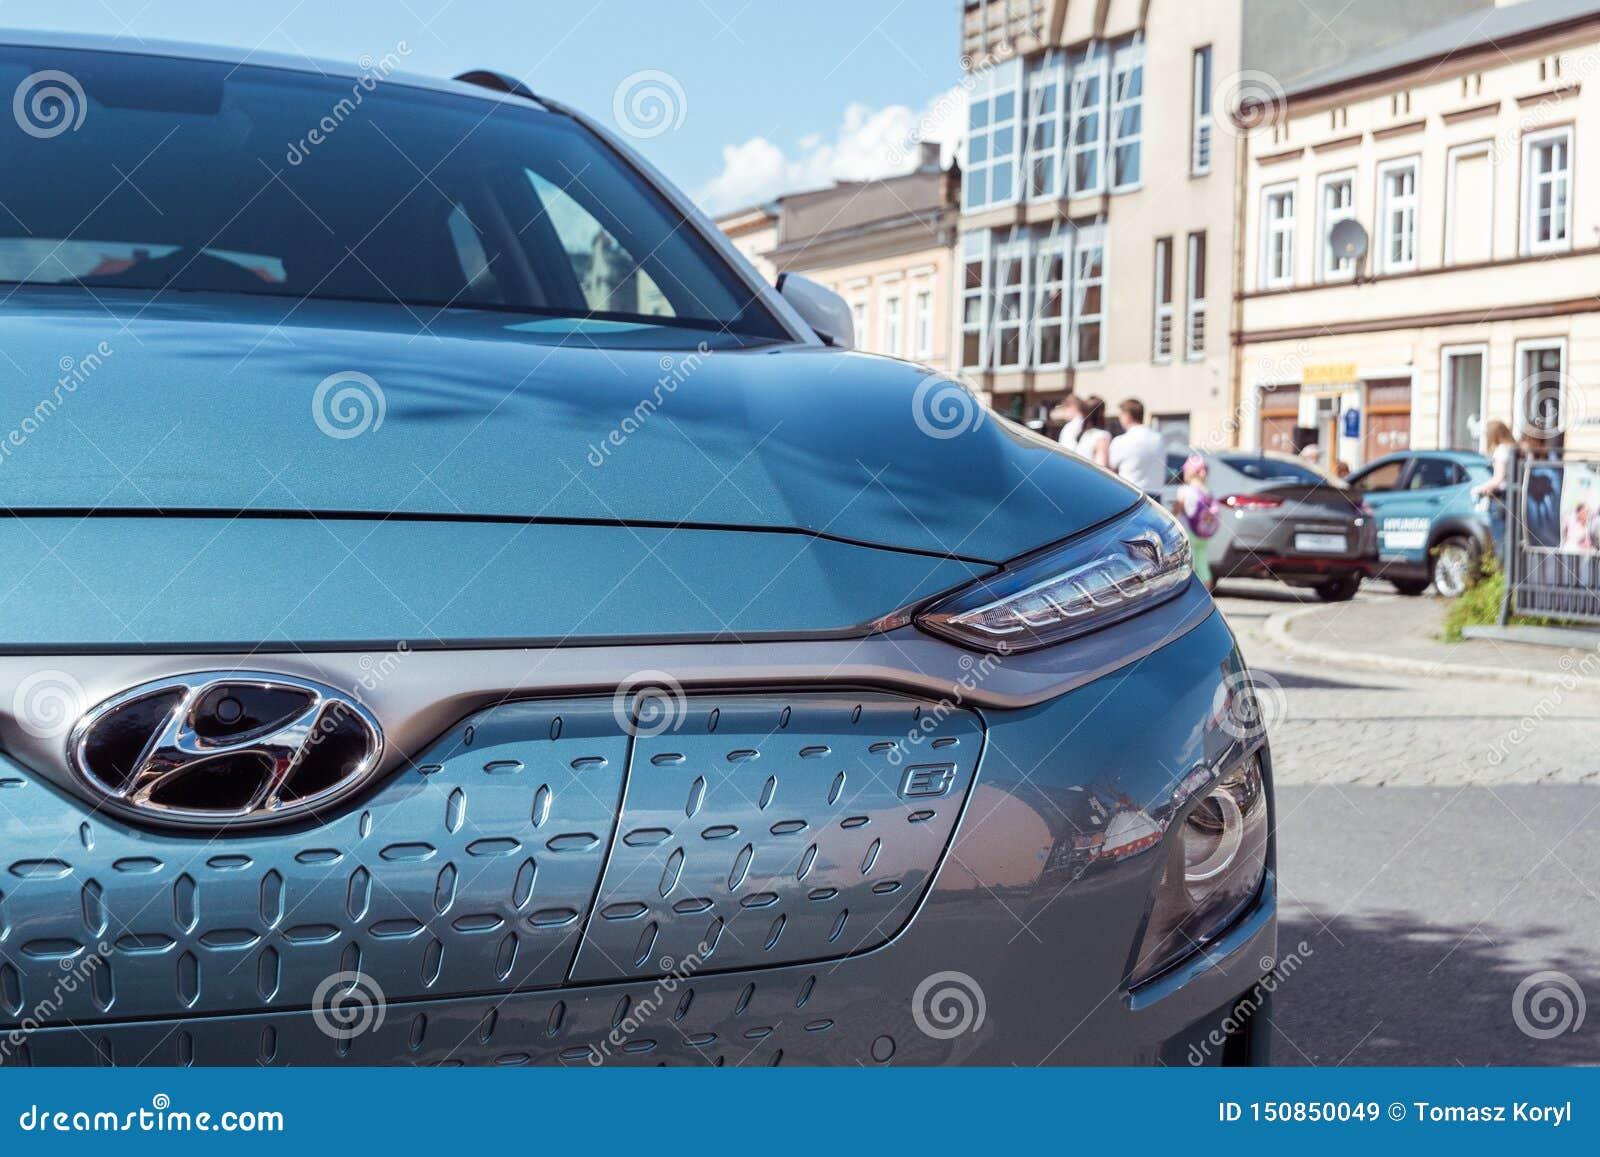 Hyundai Kona électrique - vue avant de voiture avec la lettre e qui signifie l e-mobilité